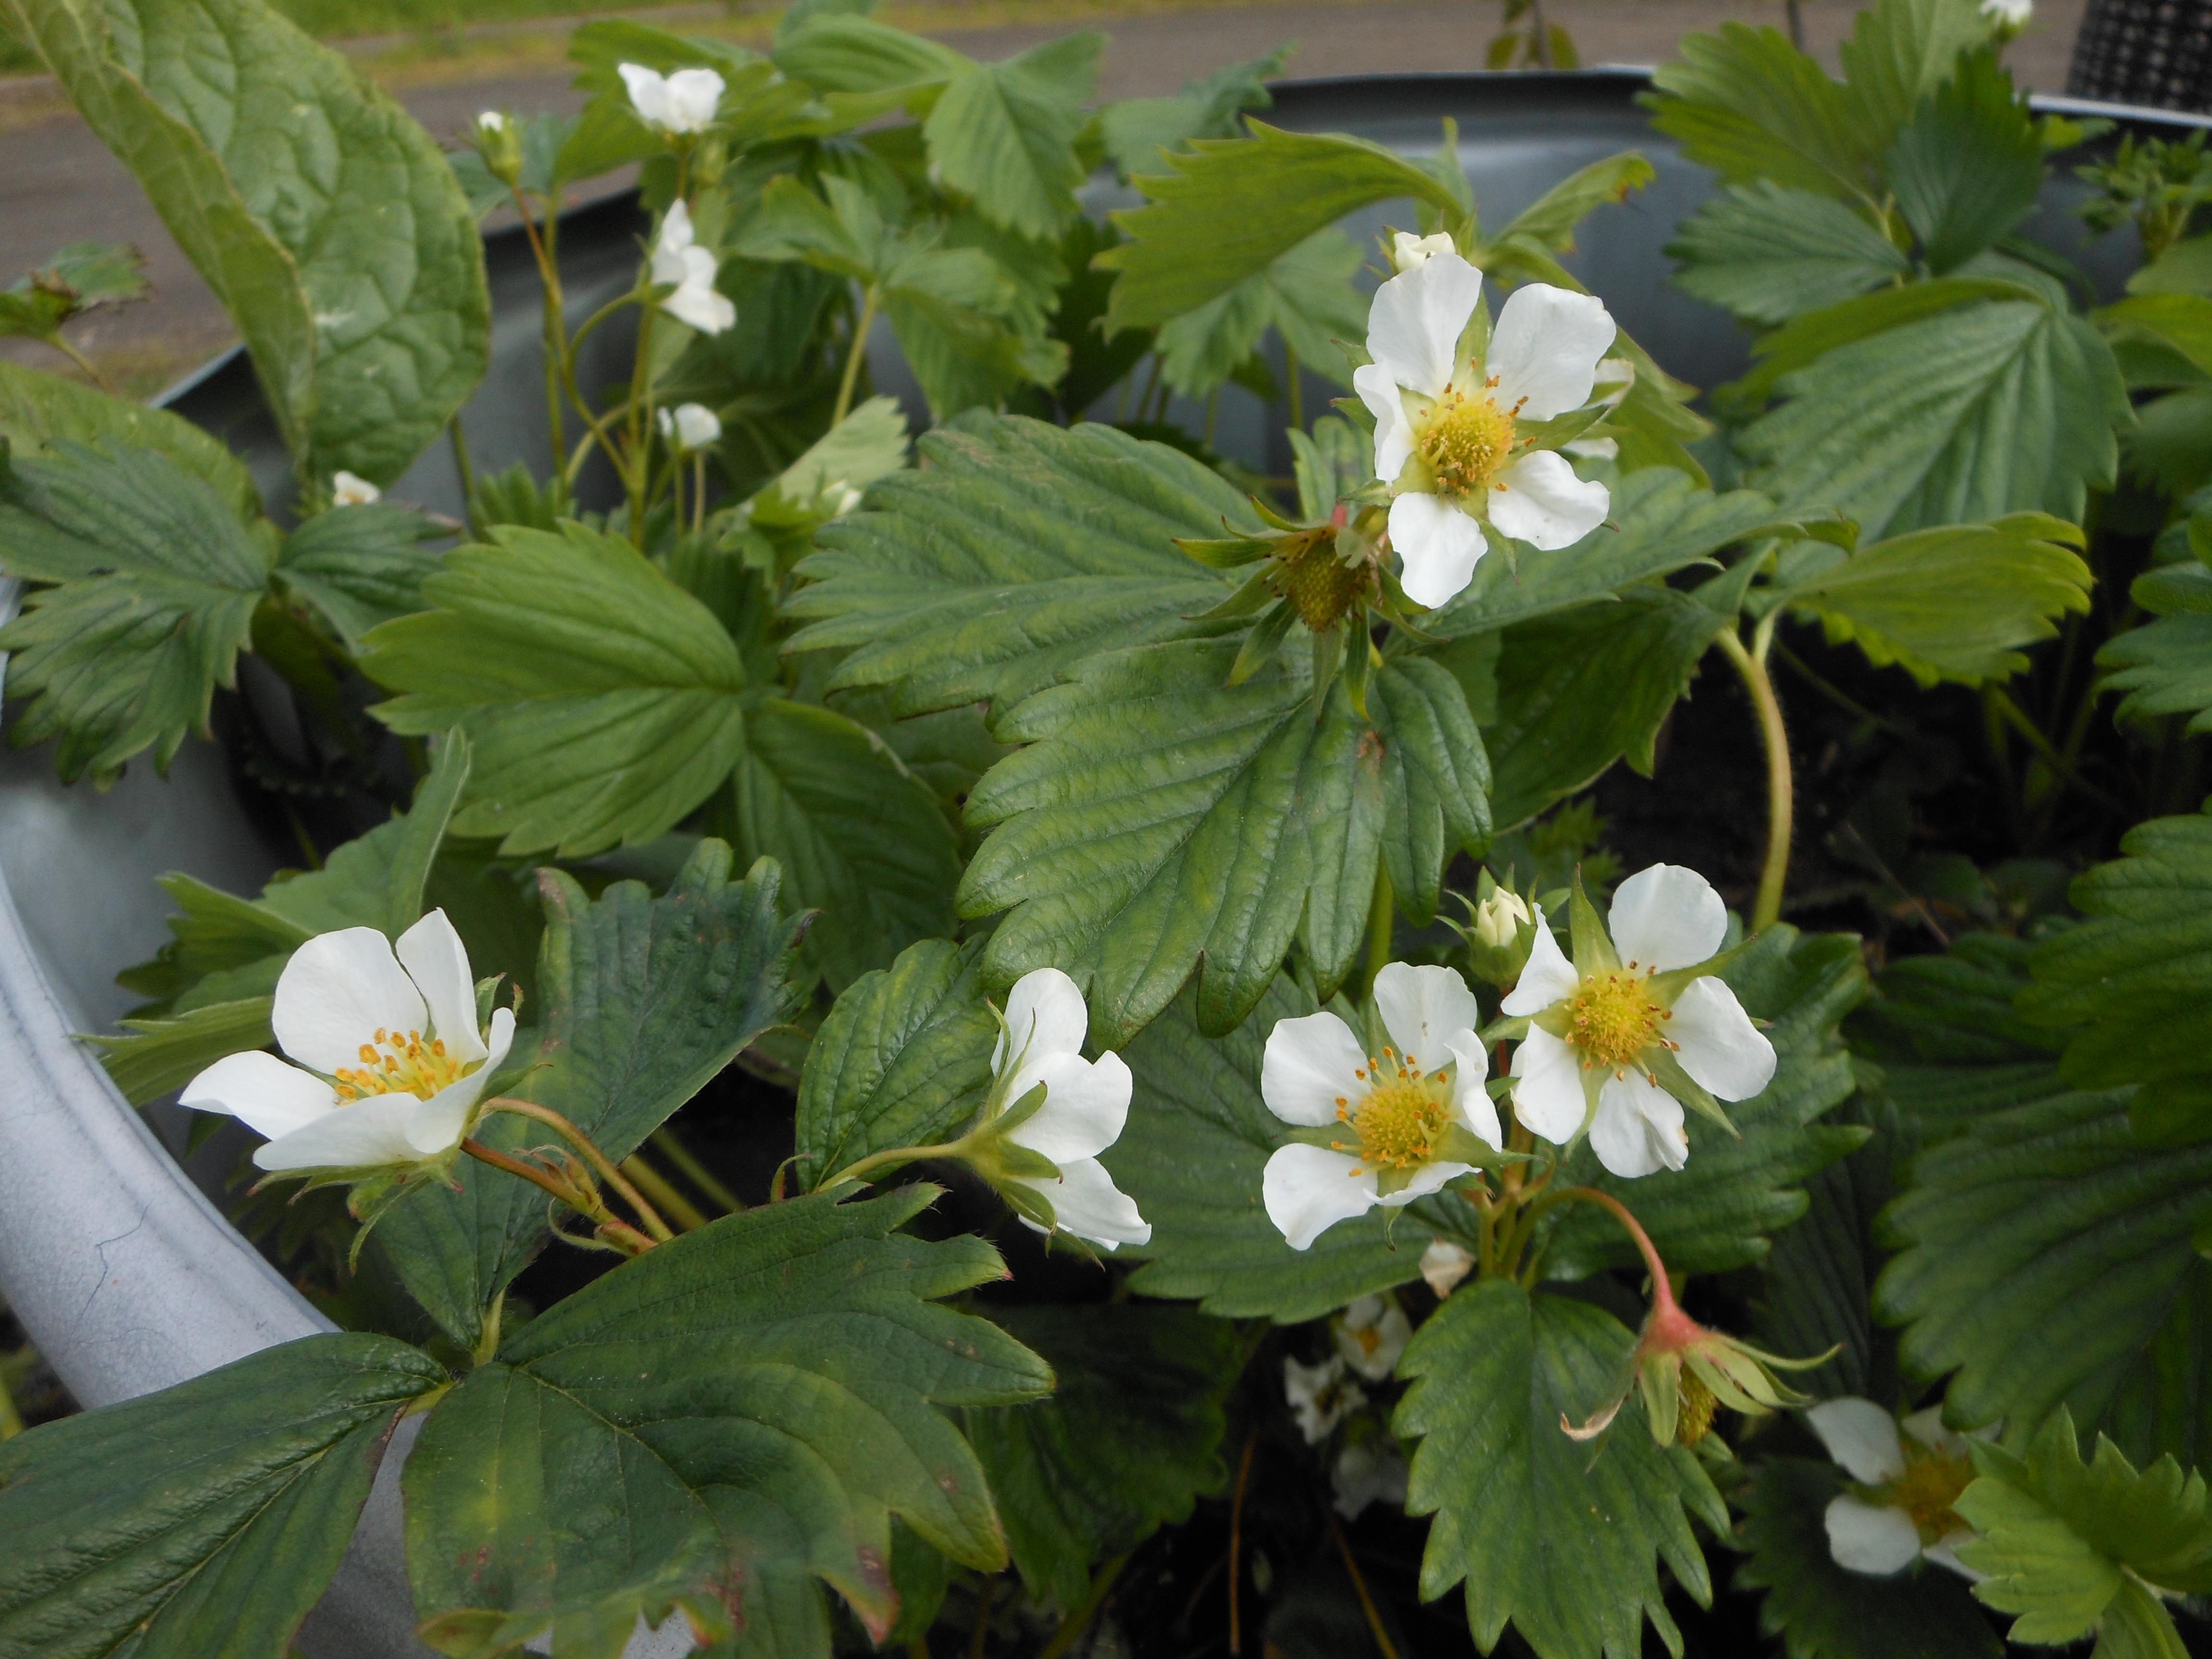 Strawberry plants in full flower